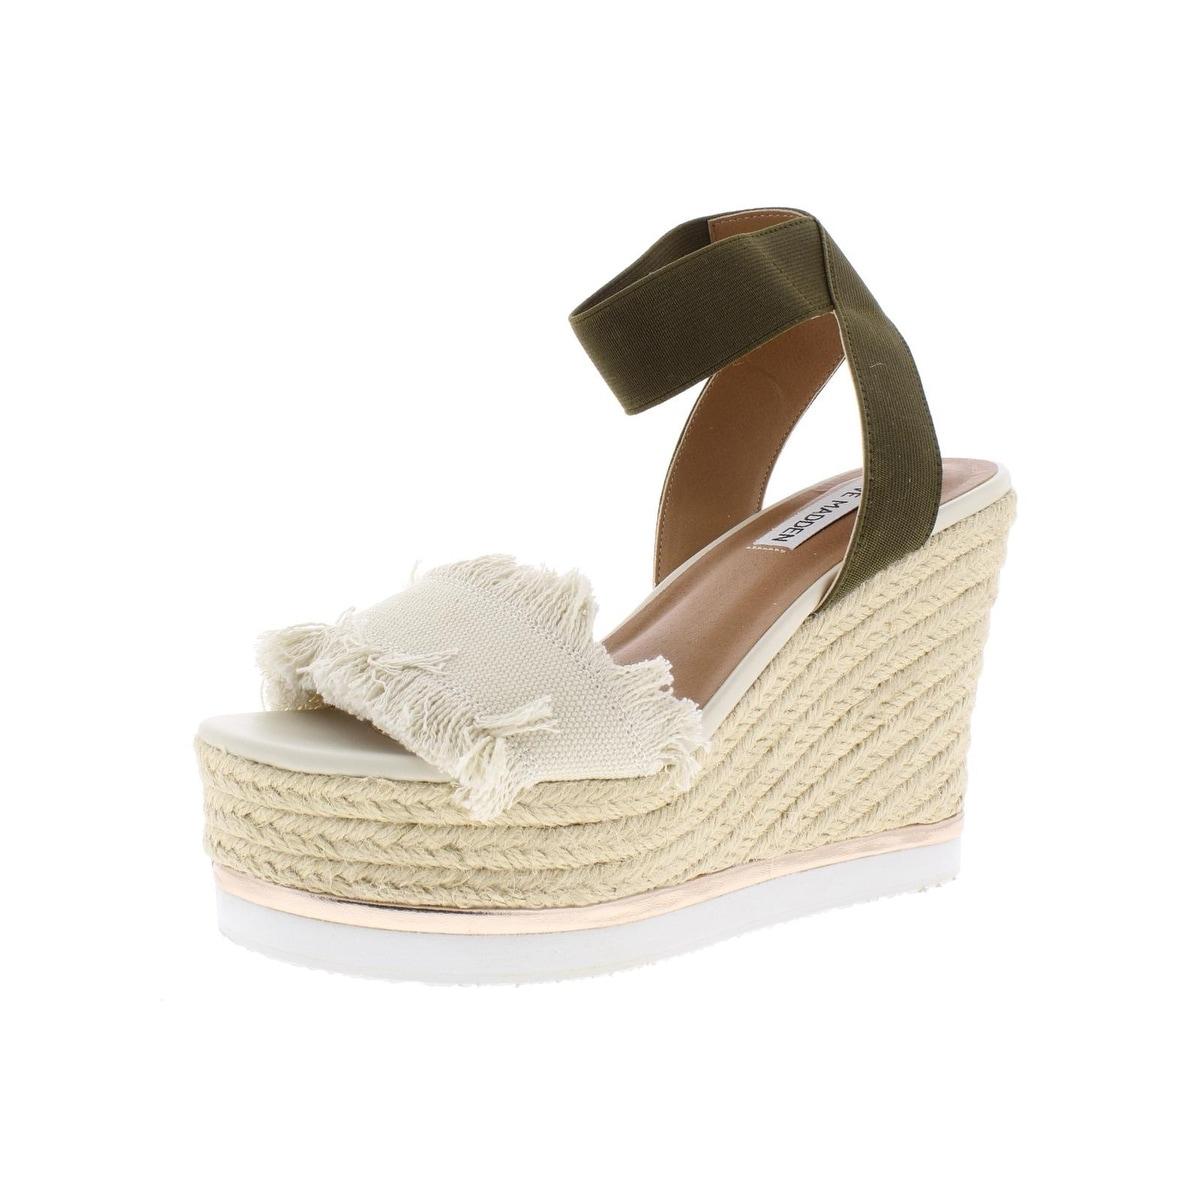 a13126c0e2a Buy Steve Madden Women s Sandals Online at Overstock